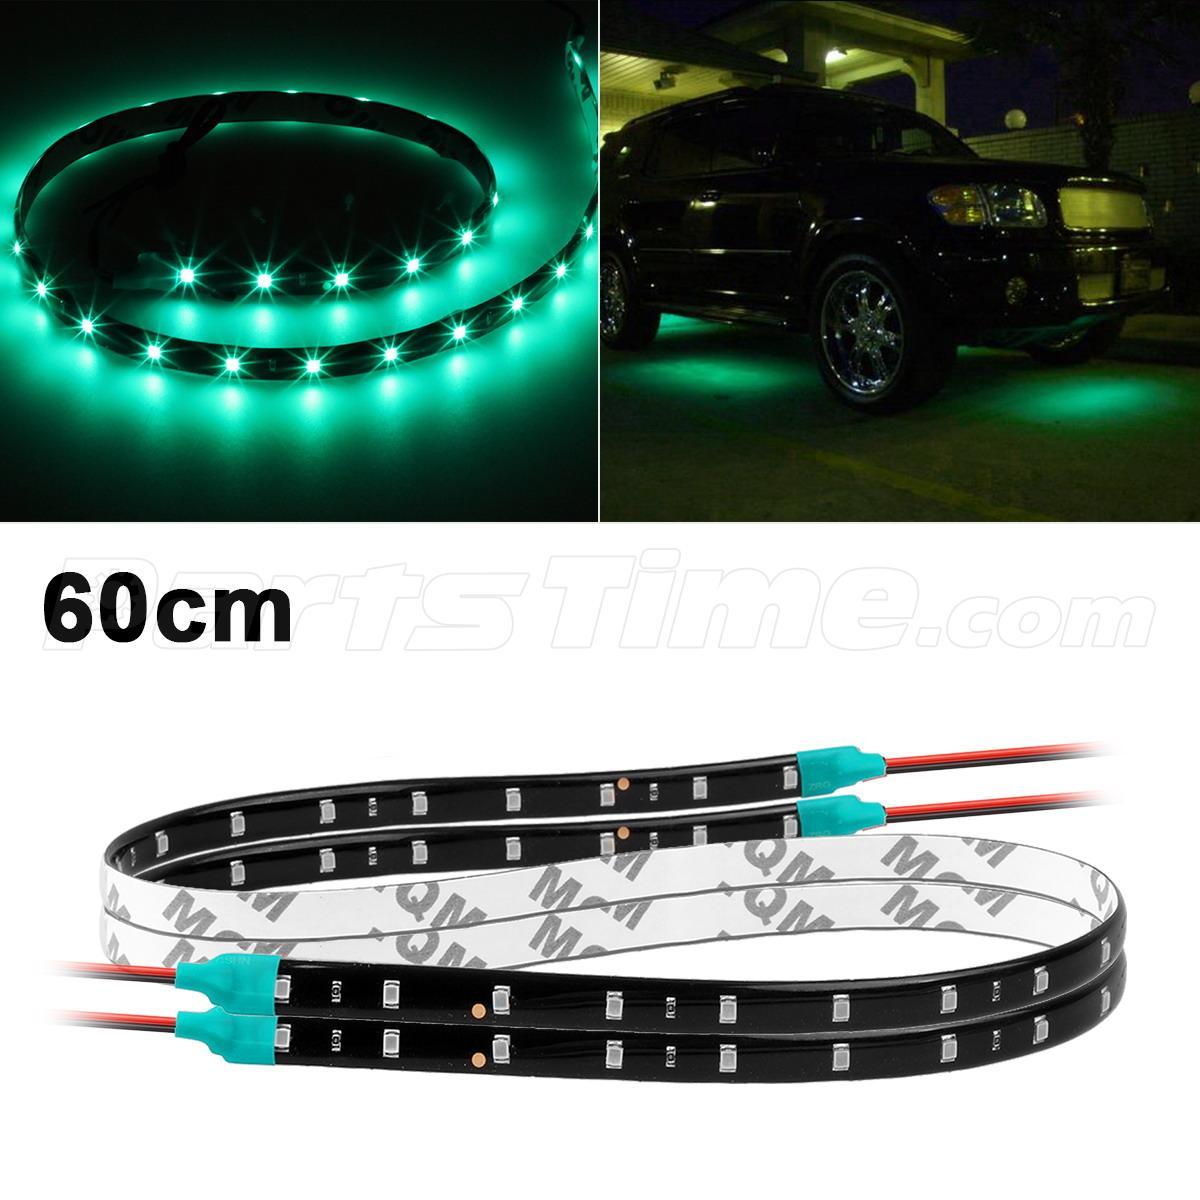 Green Led Strip Light: Pair 60CM 2Ft 30SMD LED Waterproof Flexible Strip Light